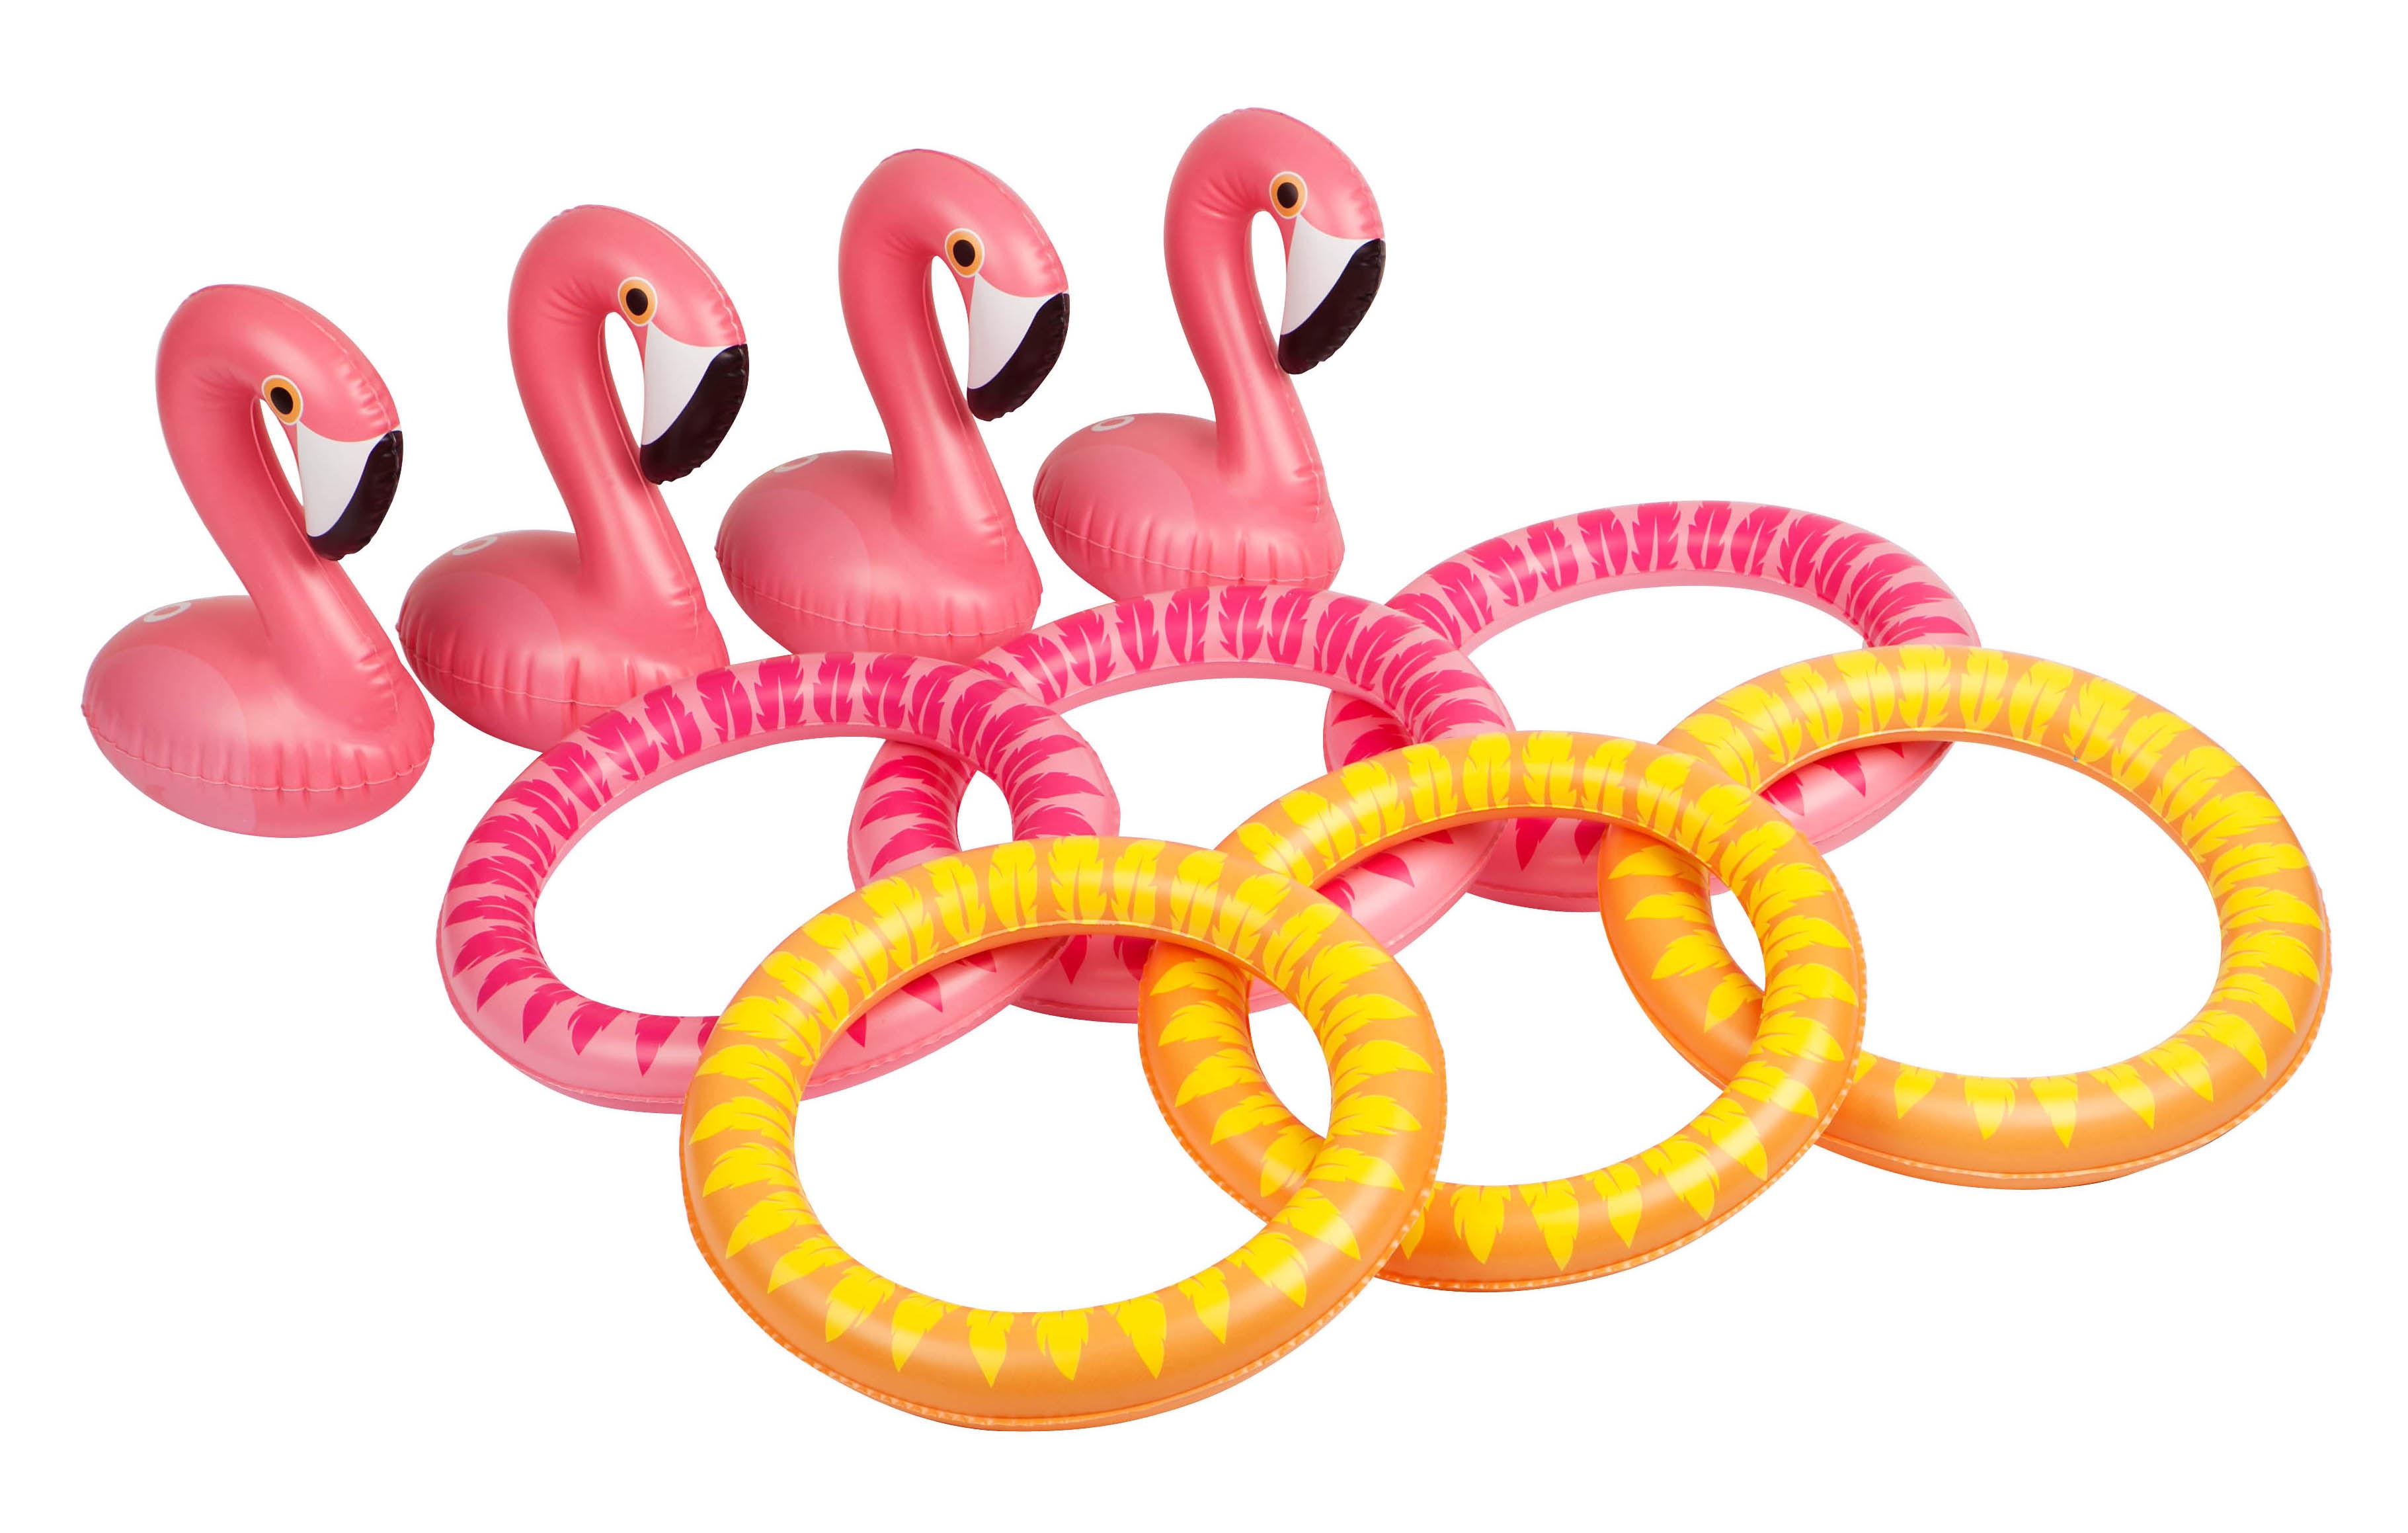 Dekoration - Für Kinder - Geschicklichkeitsspiel / Flamingo - aufblasbar - Sunnylife - Flamingo - PVC, widerstandsfähig